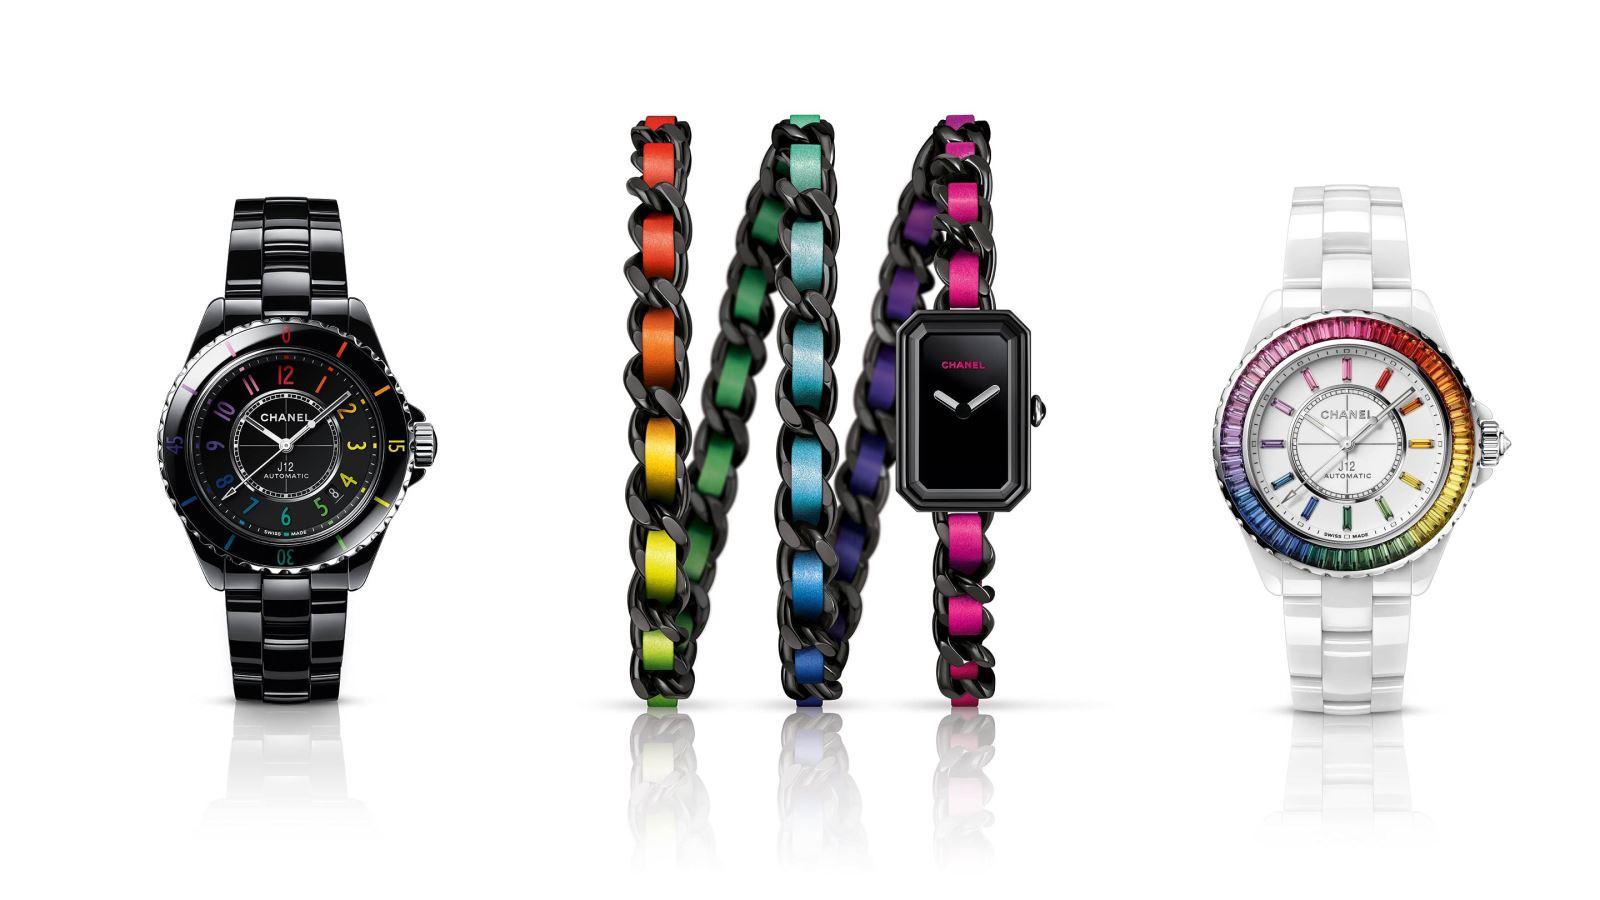 giới thiệu những mẫu đồng hồ chanel mới ra mắt đầu năm 2021